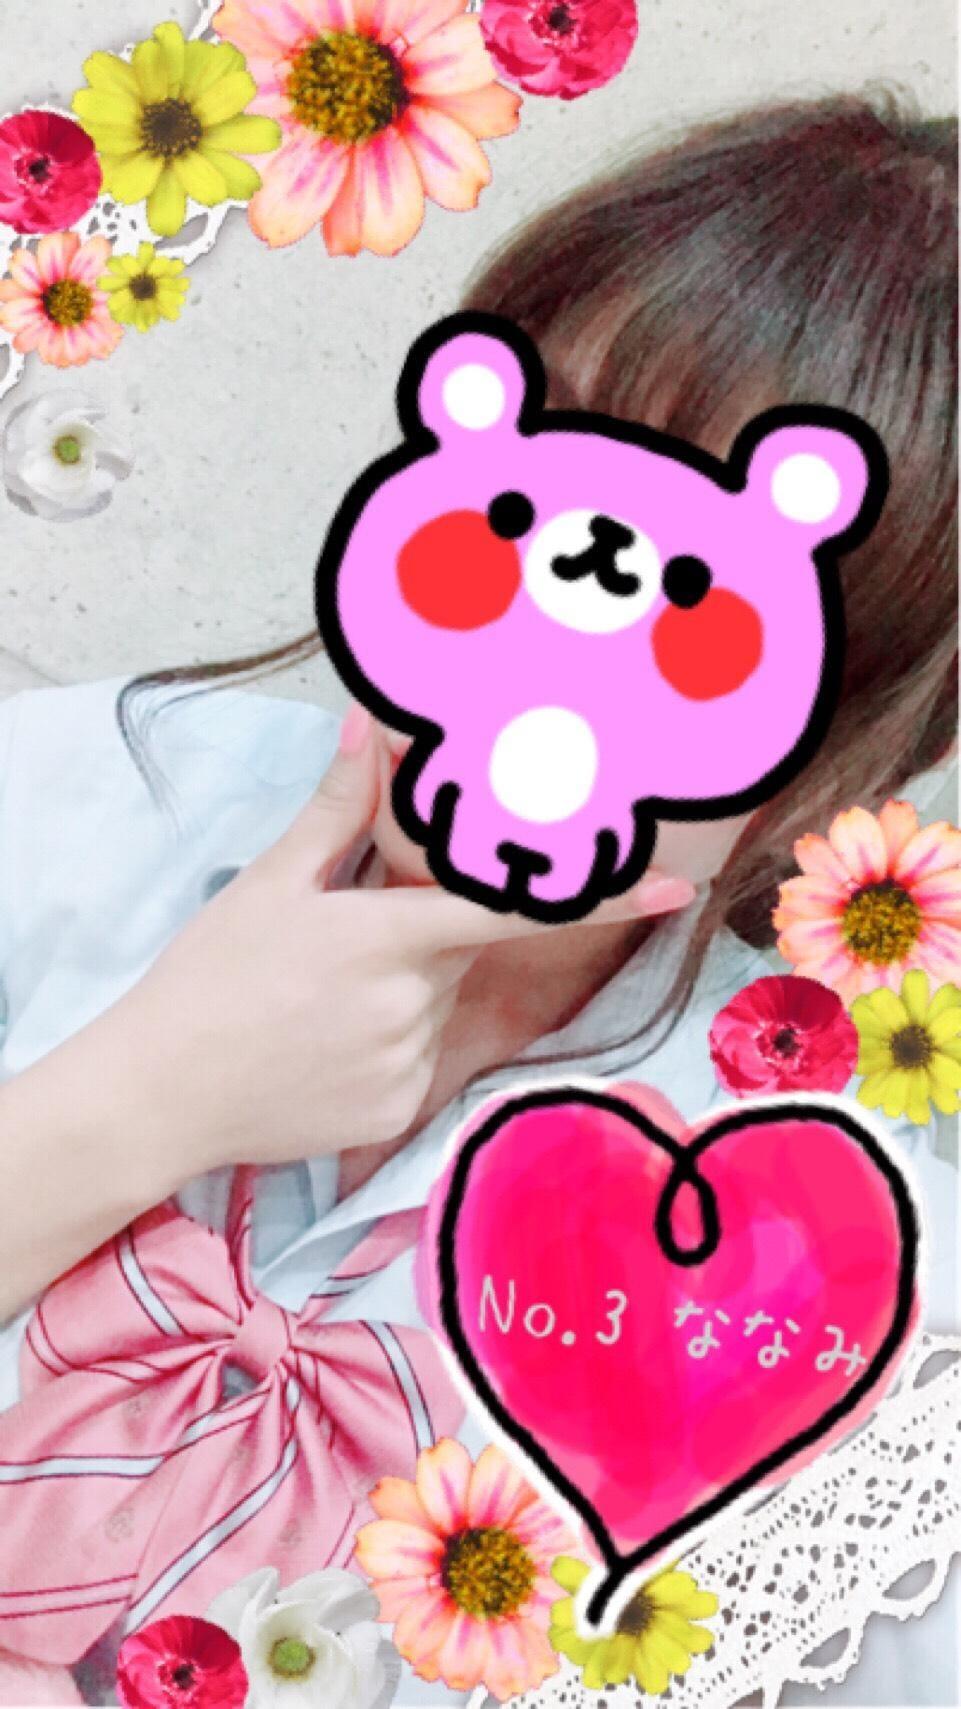 「ありがとう♡」07/23日(月) 06:07 | ななみの写メ・風俗動画